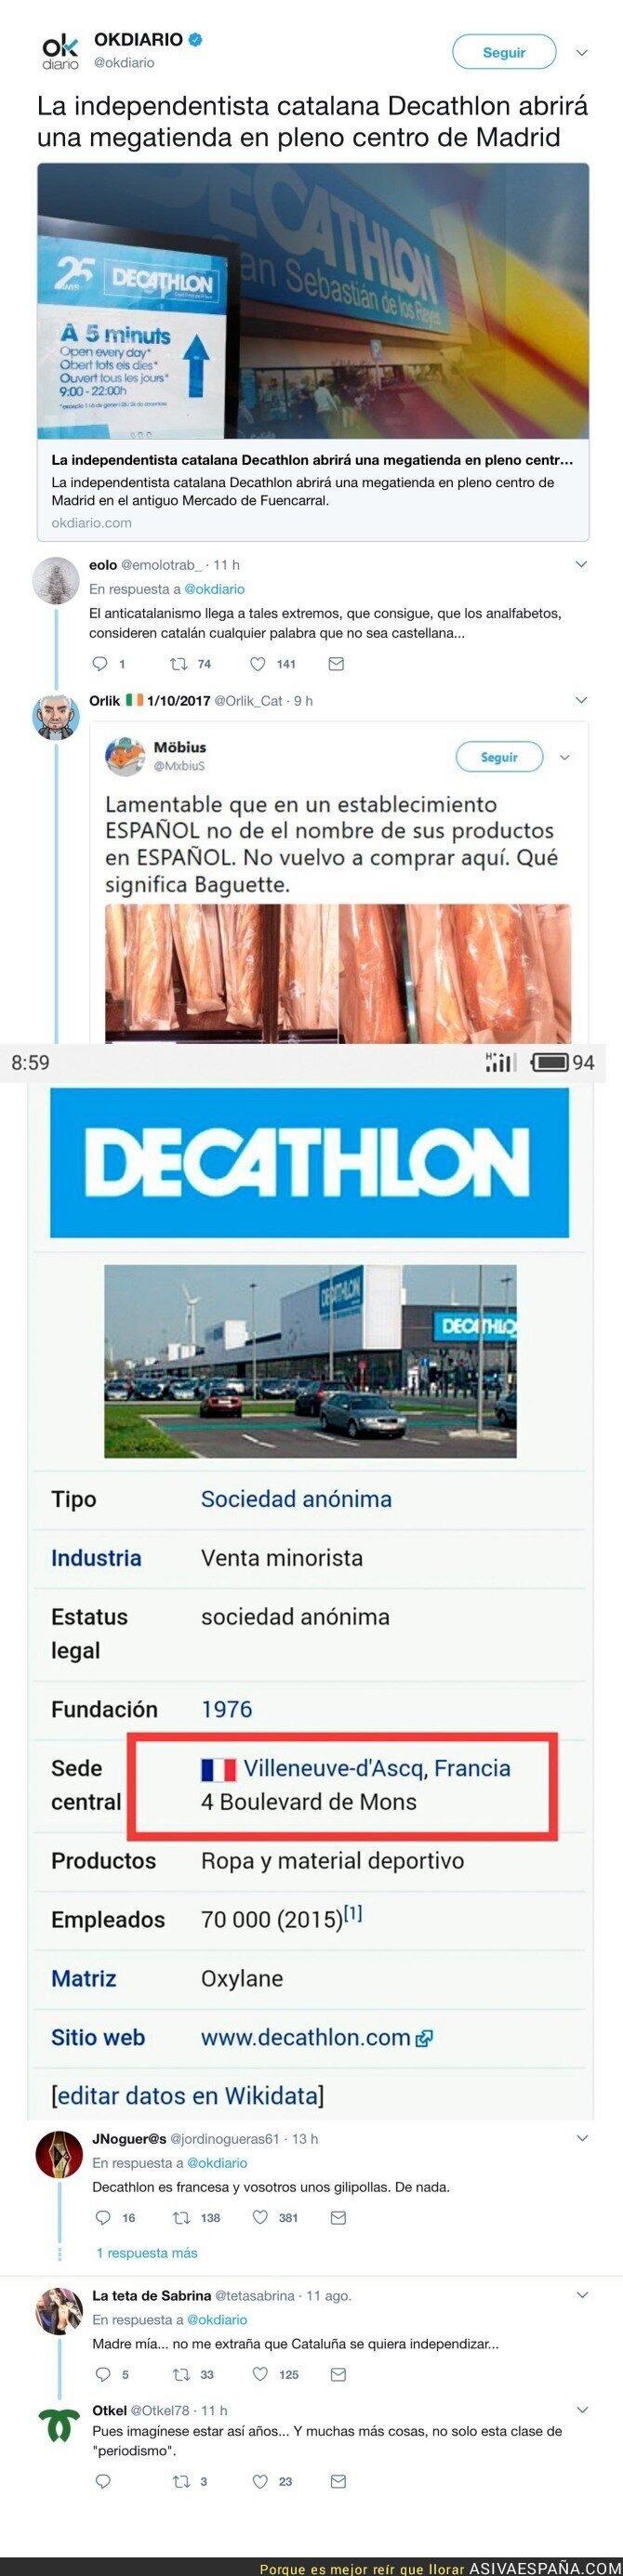 73041 - OKDiario la lía a lo grande con esta noticia sobre la nueva tienda de Decathlon en Madrid